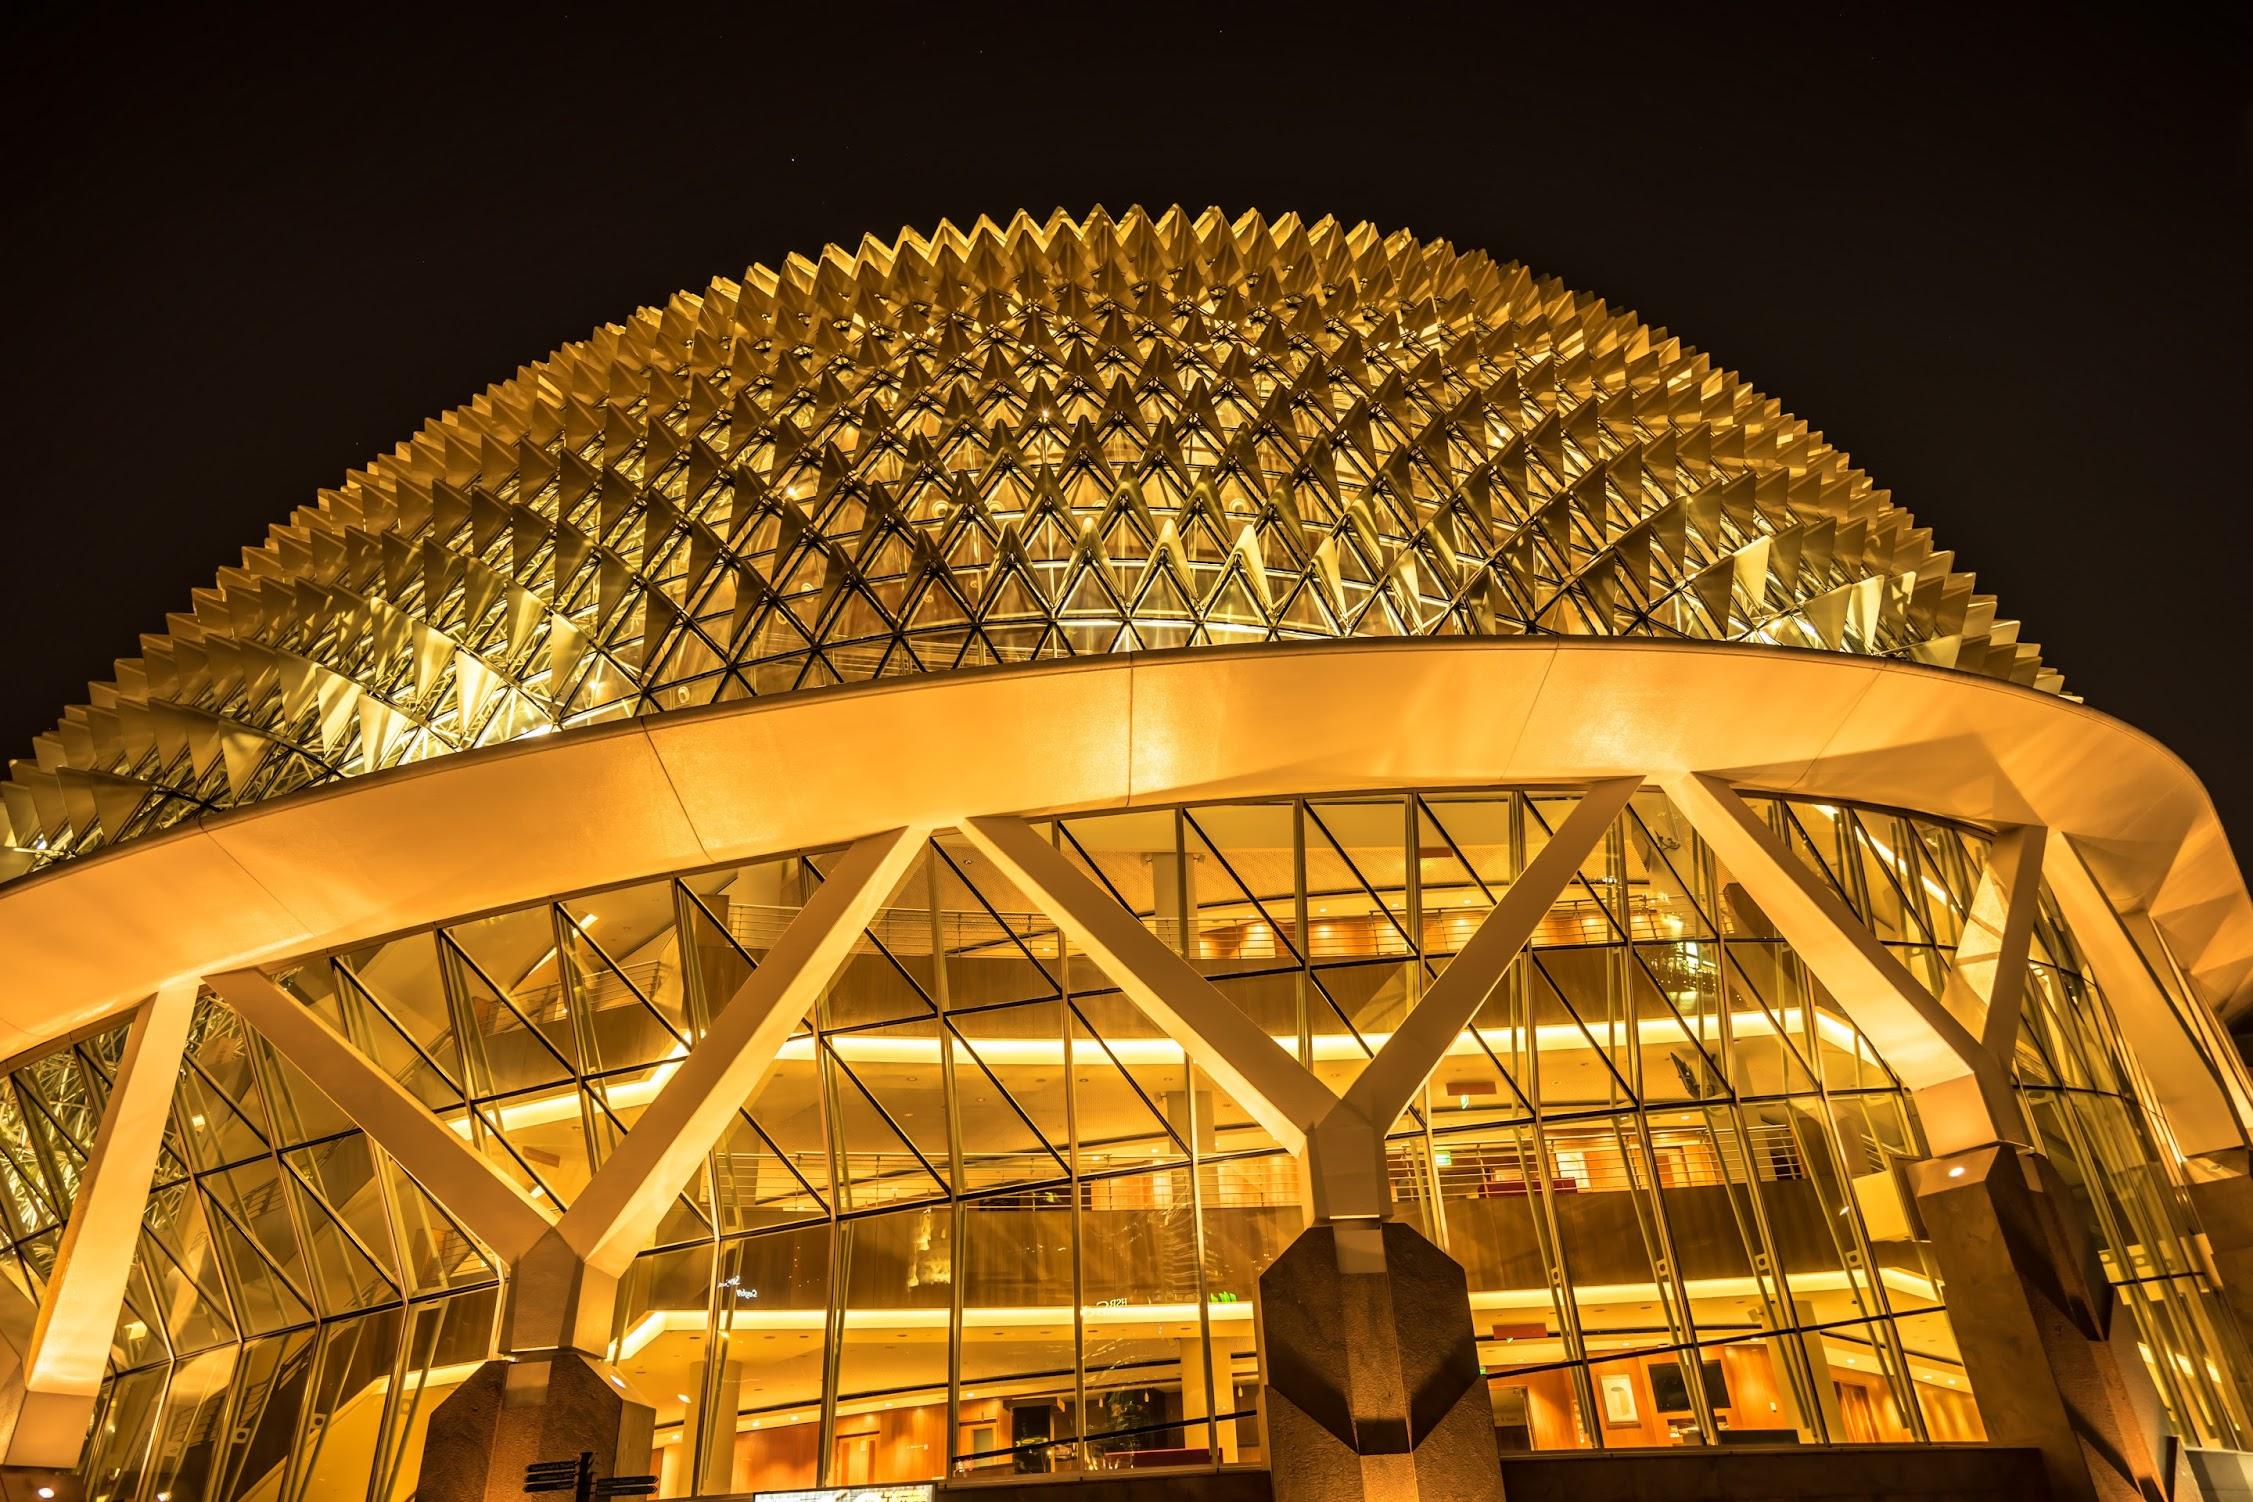 シンガポール エスプラネード 夜景2